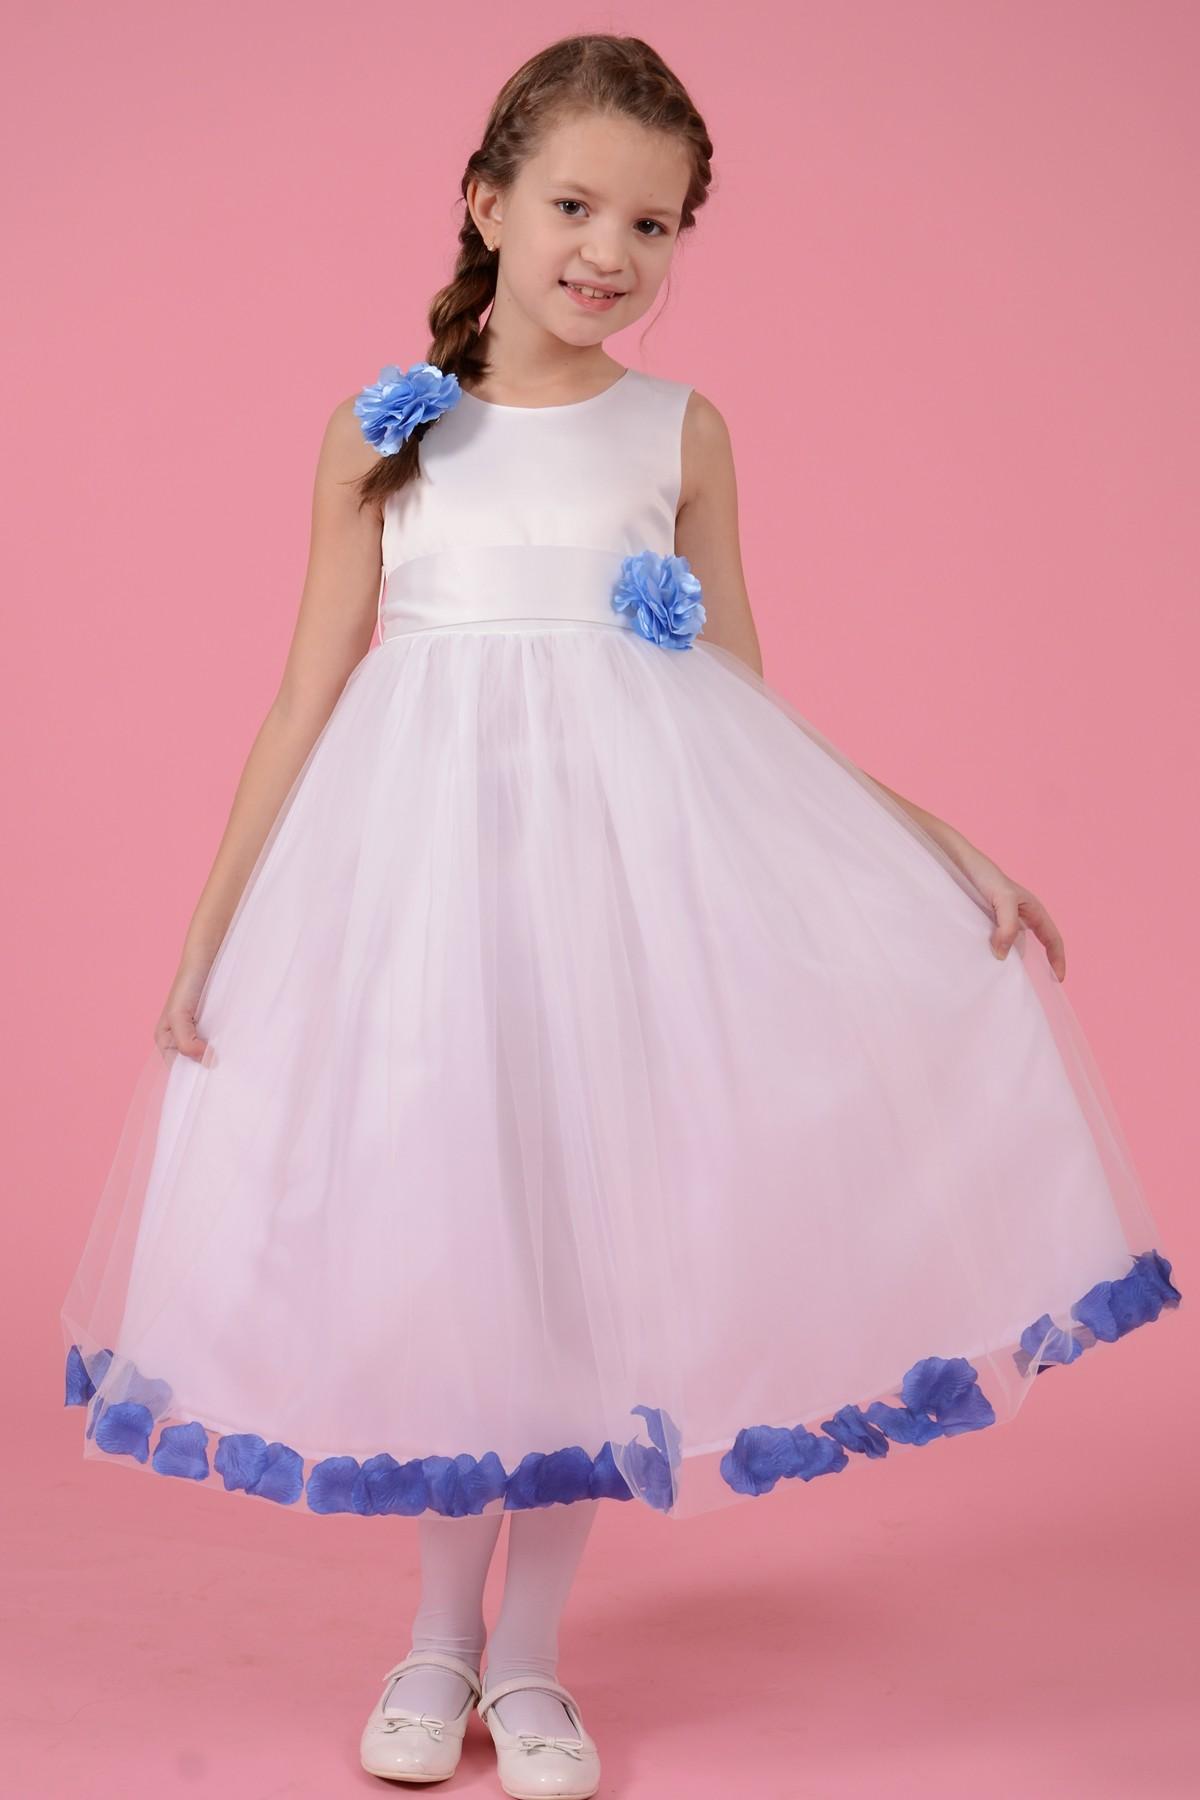 Rochie Alba Cu Floare Bleo Si Petale Albastre Marime 3 10 Ani